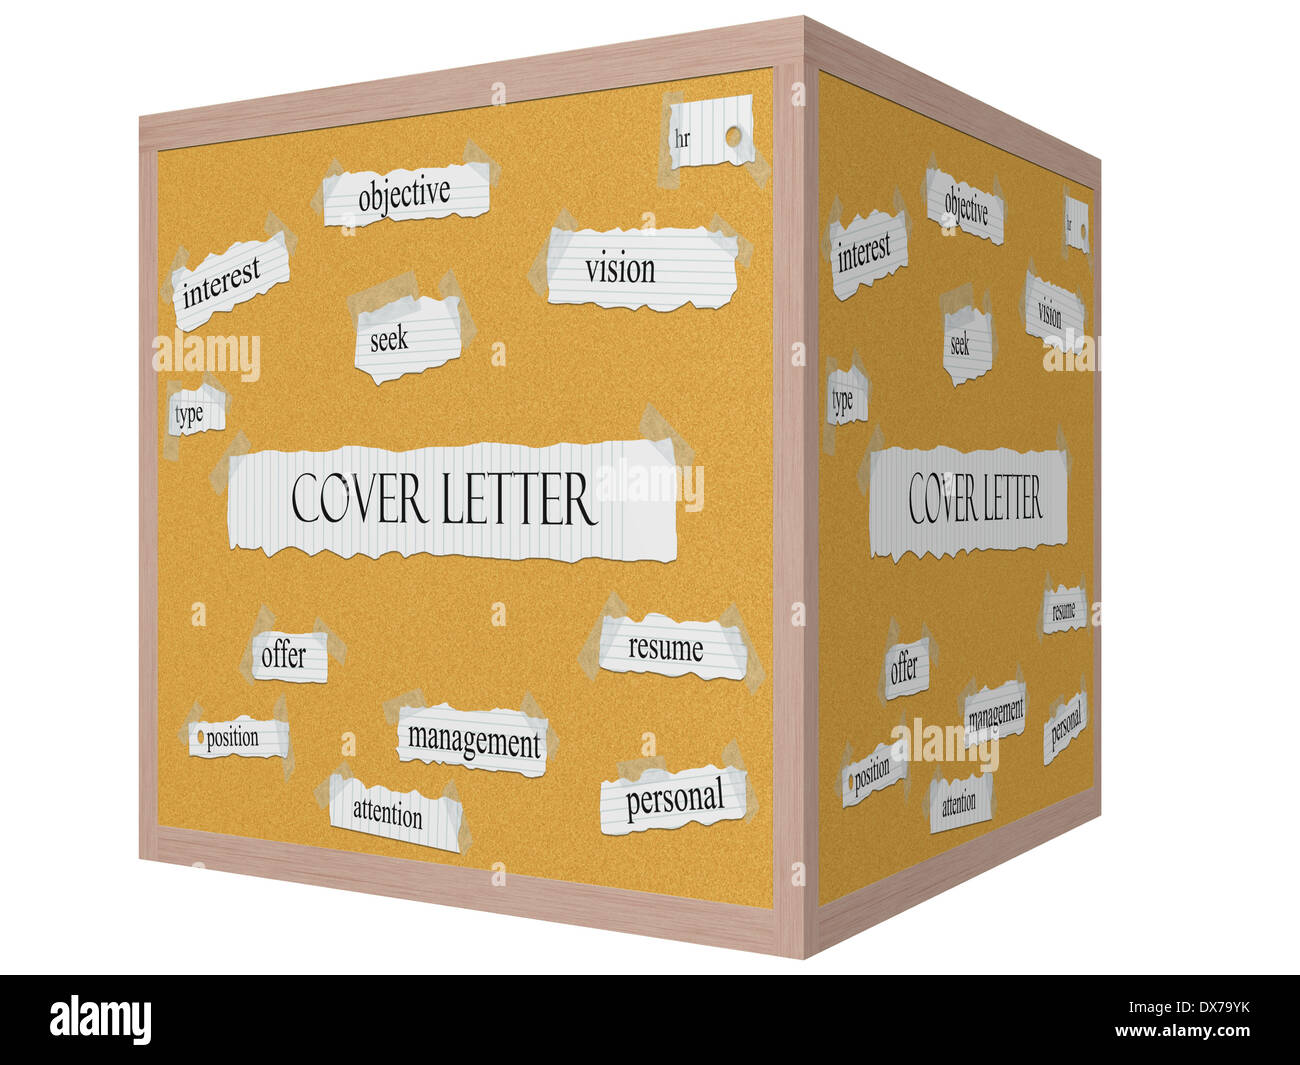 Cover Letter Imágenes De Stock & Cover Letter Fotos De Stock - Alamy